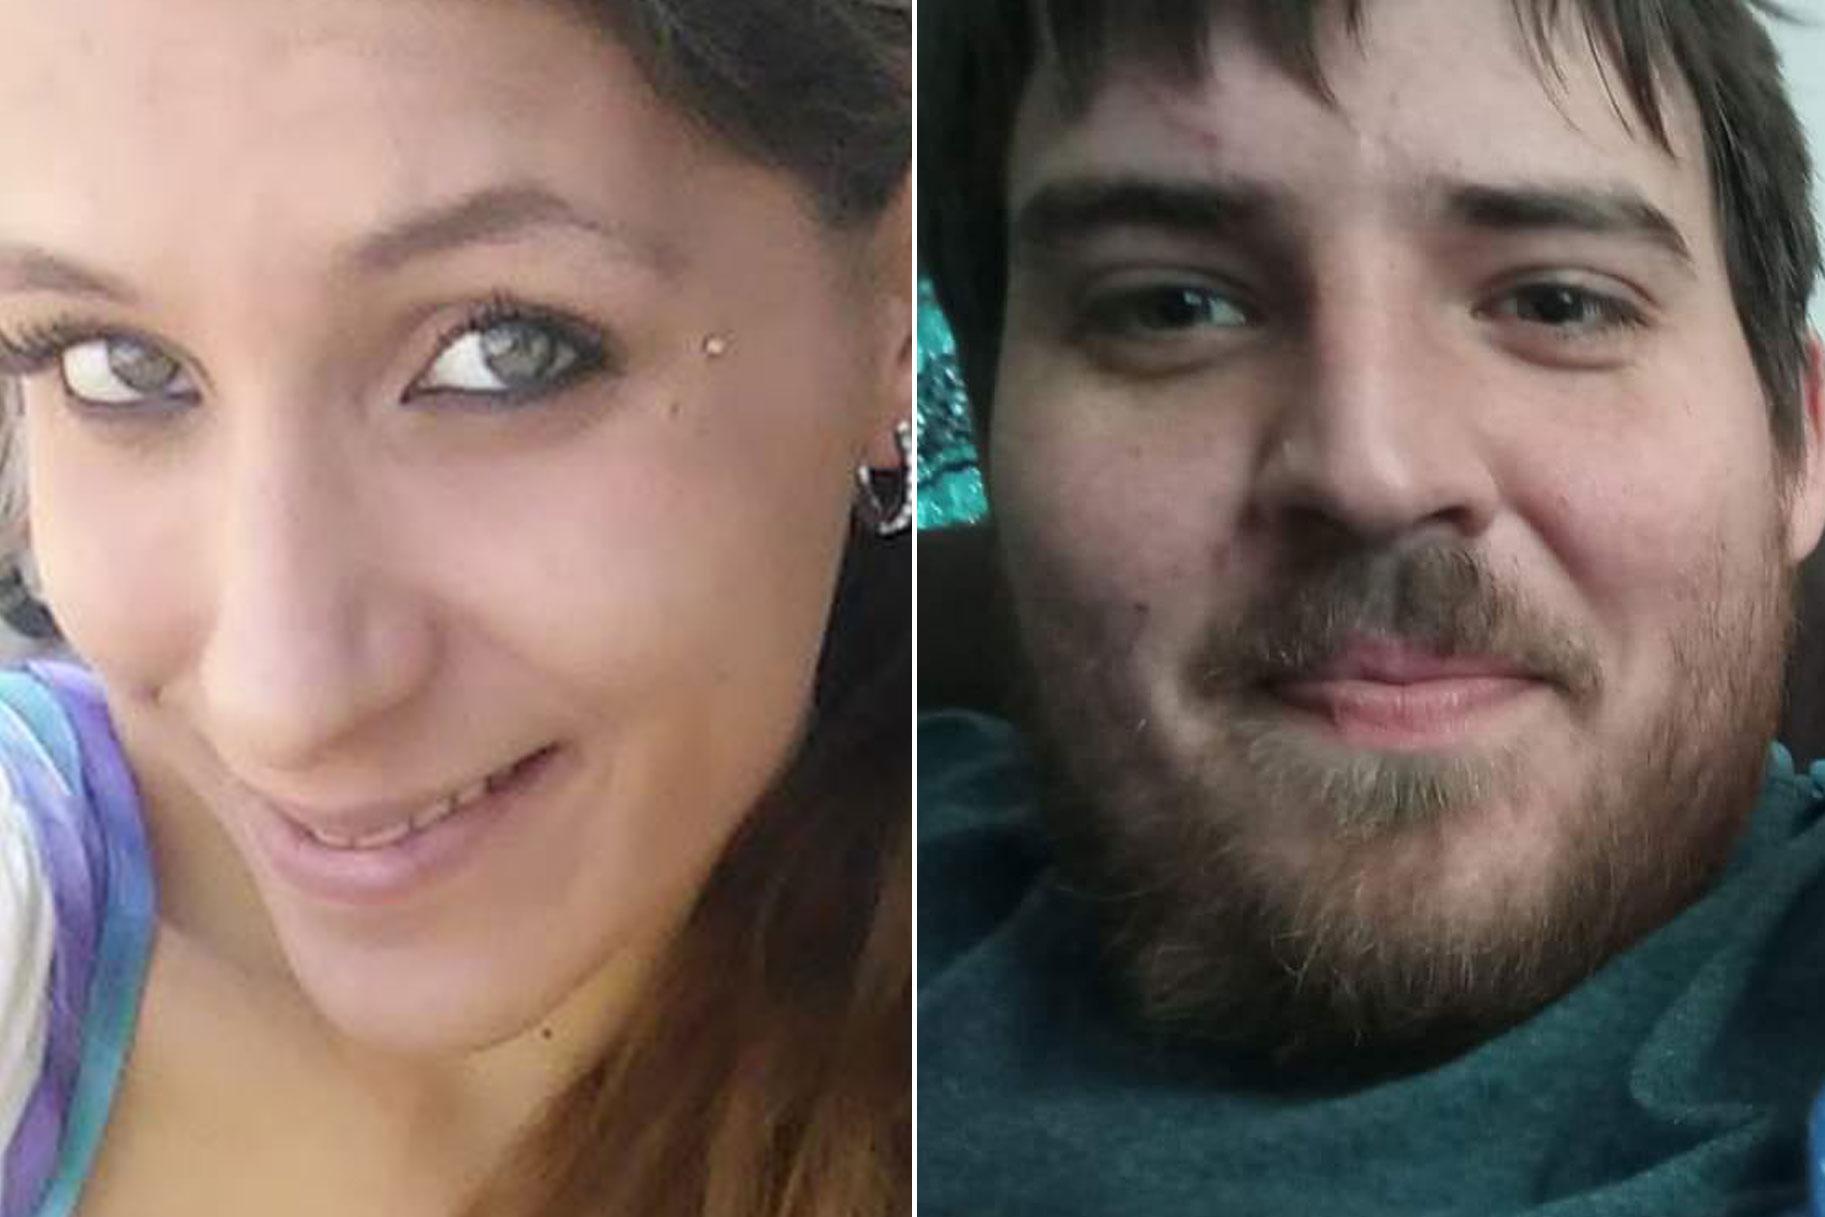 Hallan viva a una niña de 6 meses después de pasar días en la habitación de un motel con sus padres muertos